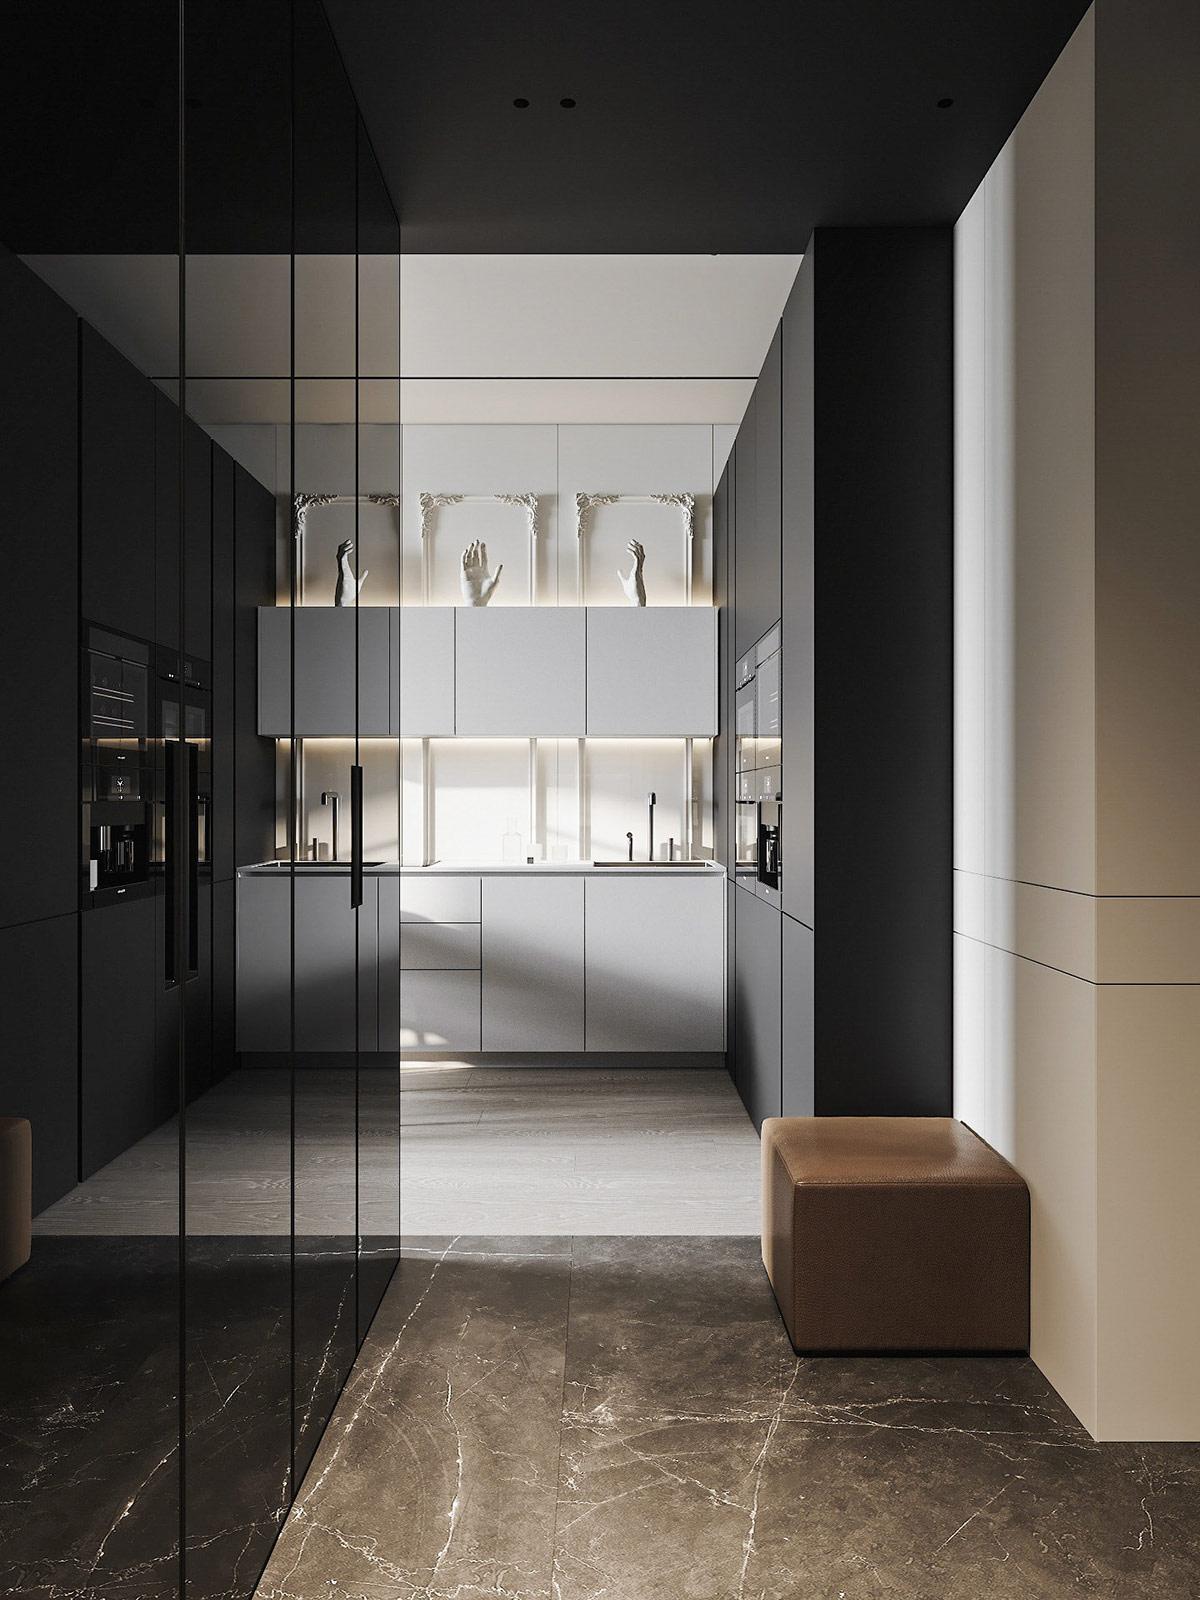 Một loạt các tác phẩm điêu khắc đặt trên đỉnh của tủ bếp, mỗi cái được đóng khung bởi khung viền trang trí đậm chất tân cổ điển.